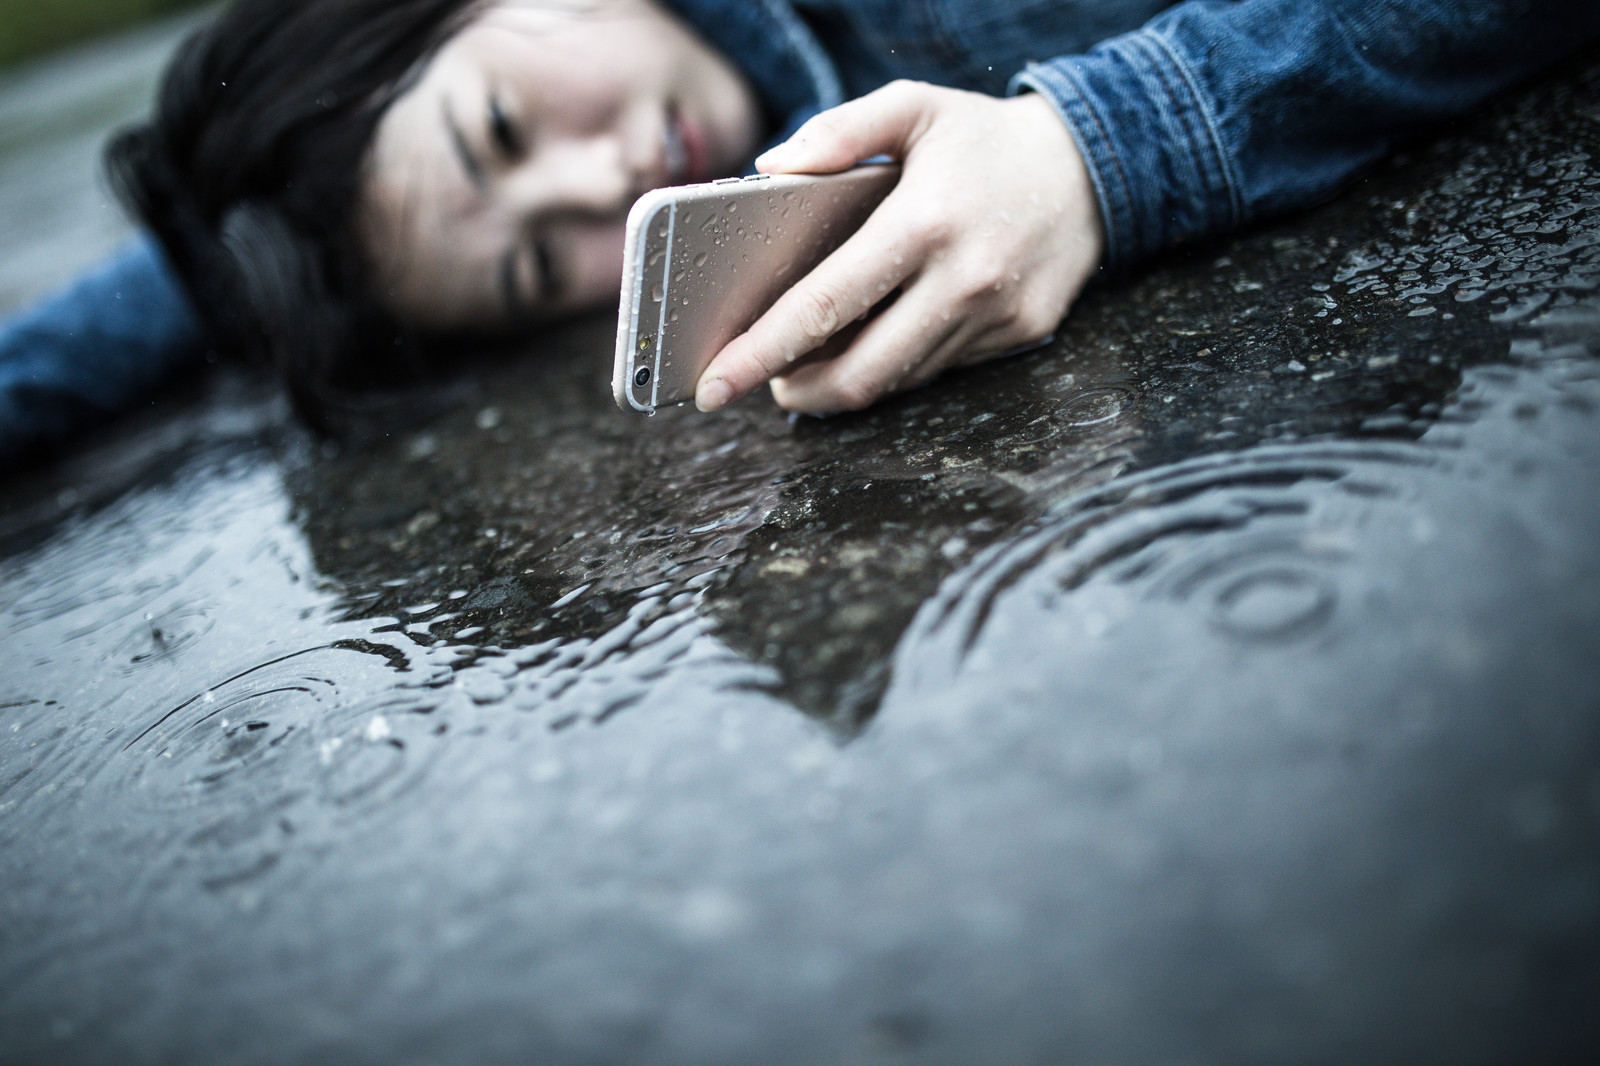 悲しみの失恋ショック、立ち直るために今をどう生きる!?